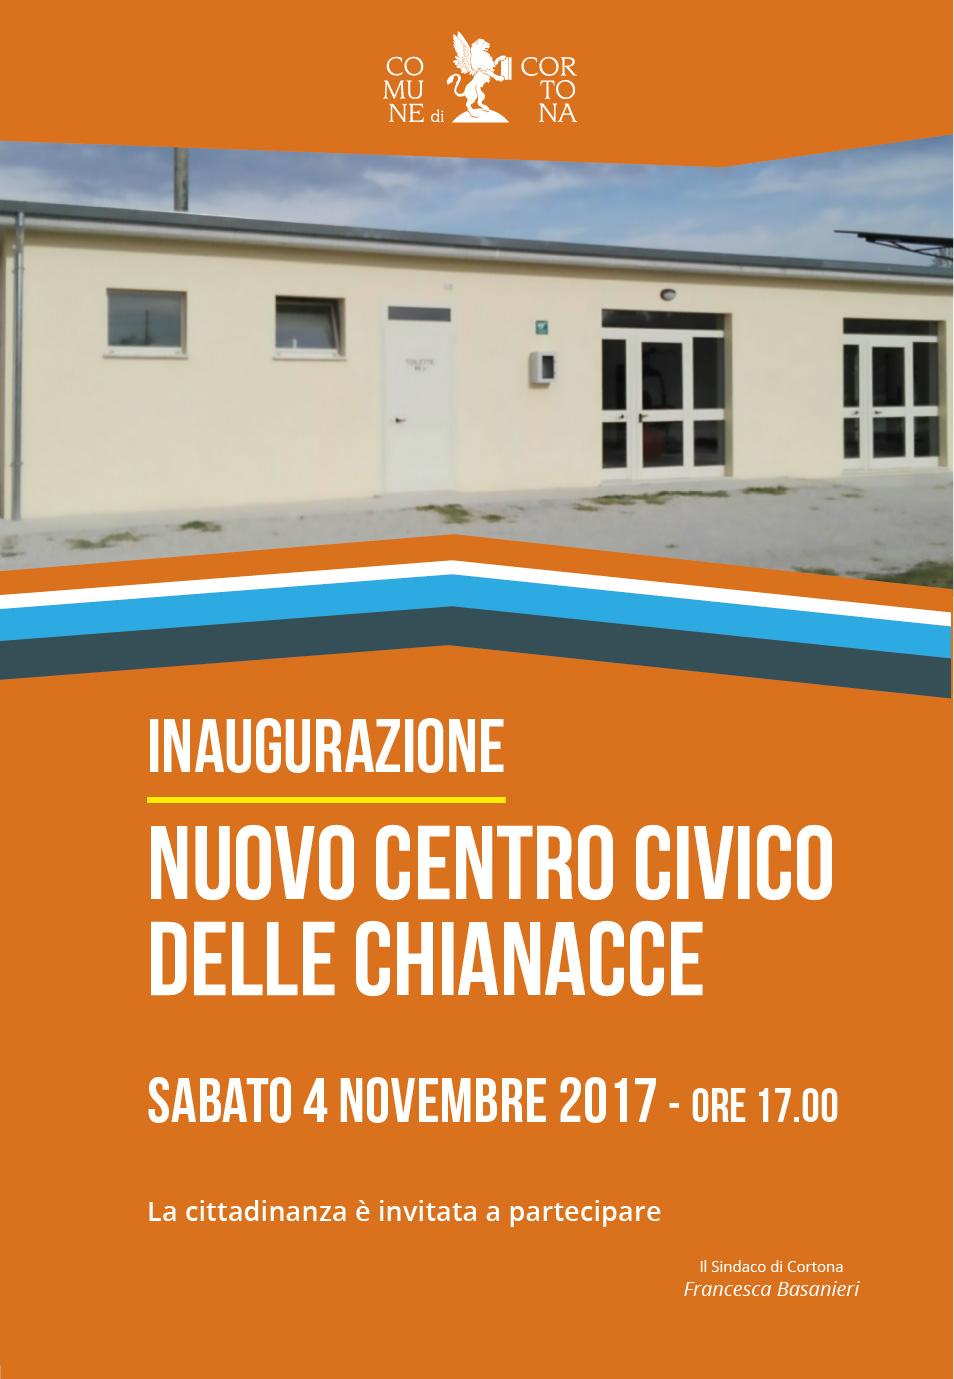 Nuovo Centro Civico di Chianacce, sabato l'inaugurazione